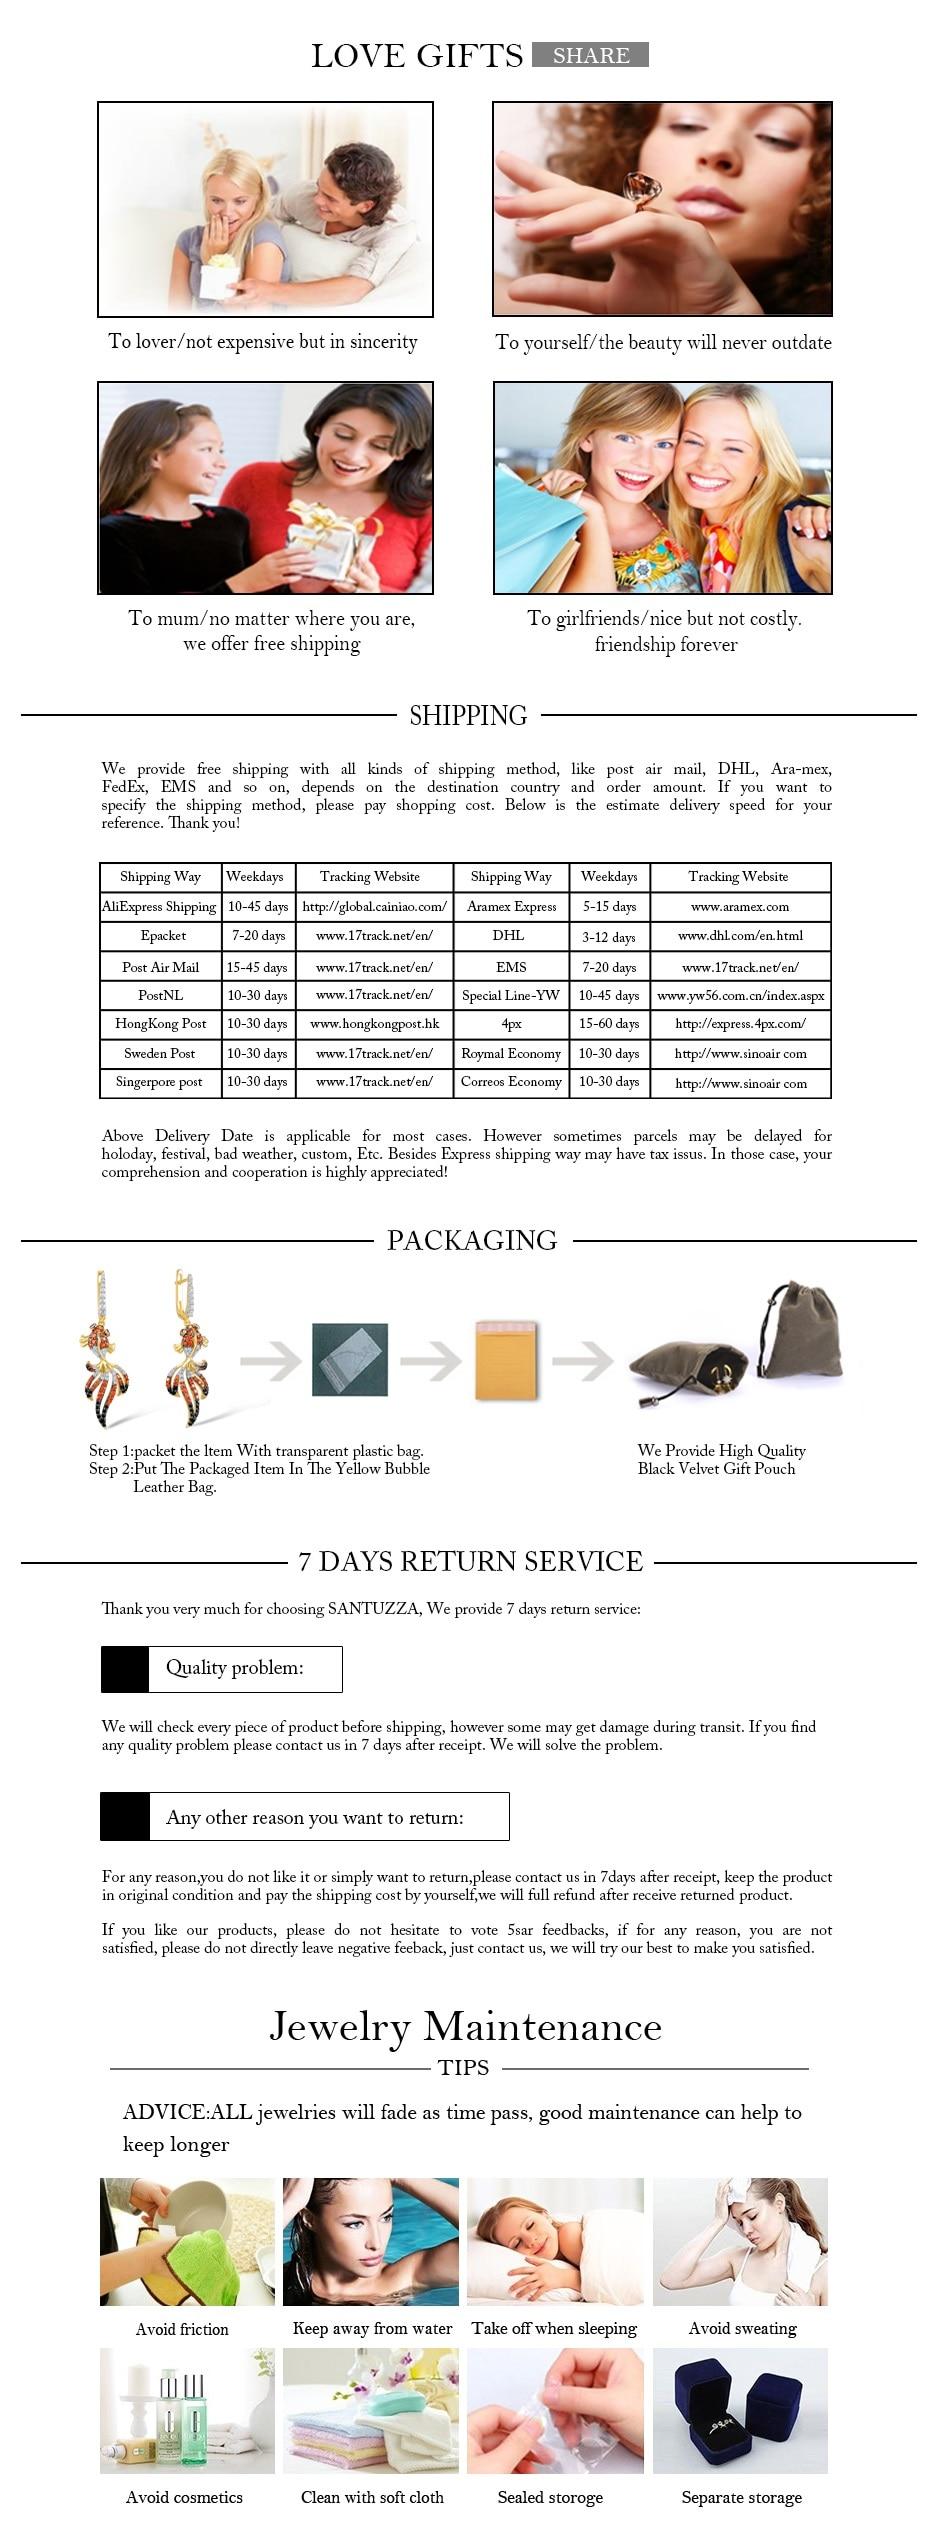 SANTUZZA Серебряный набор украшений для женщин 925 пробы Серебряный Волшебный Зеленый Кристалл Висячие серьги кулон набор трендовые модные ювелирные изделия